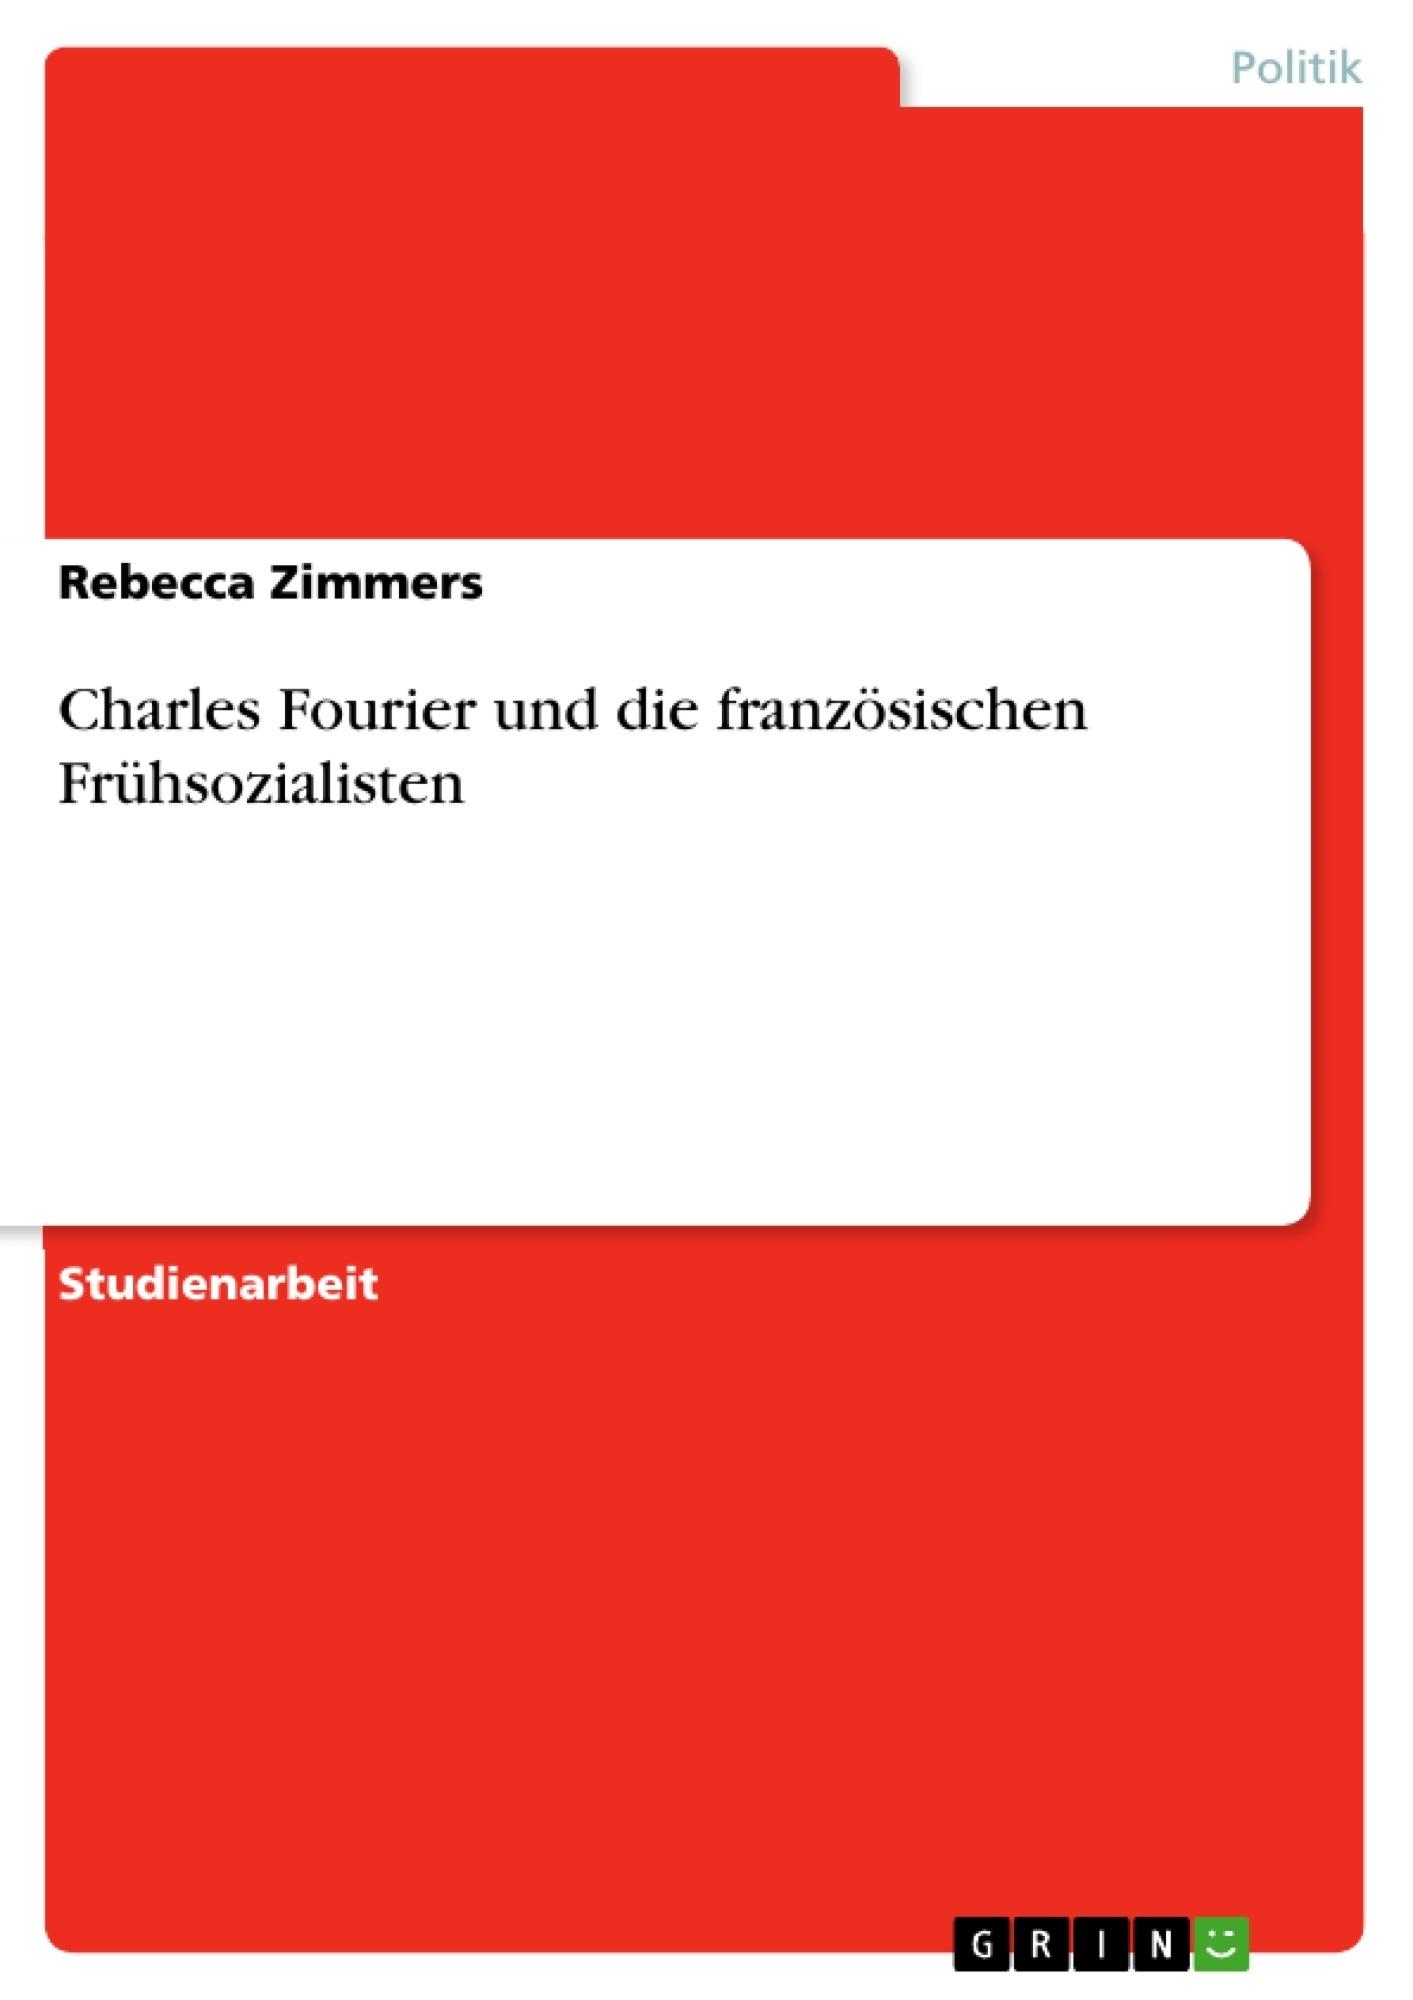 Titel: Charles Fourier und die französischen Frühsozialisten